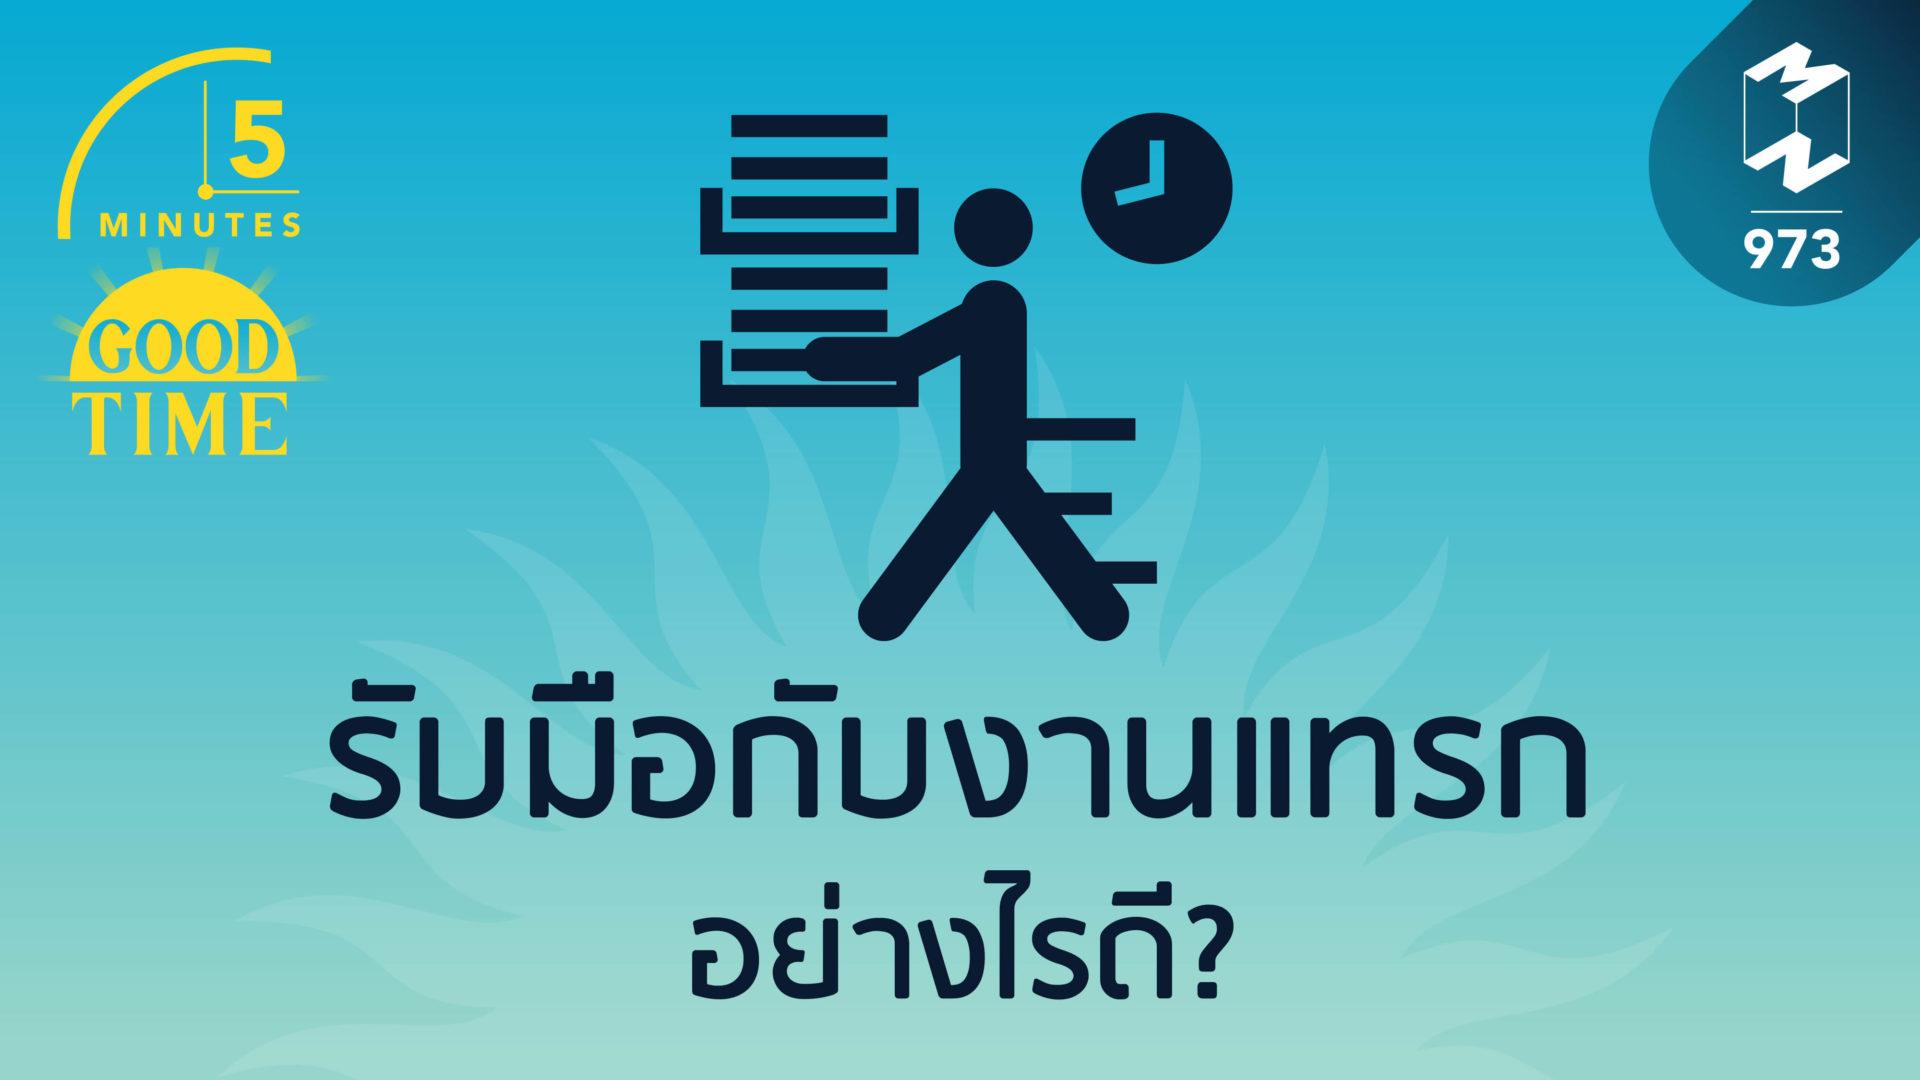 รับมือกับงานแทรกอย่างไรดี? | 5M EP.973